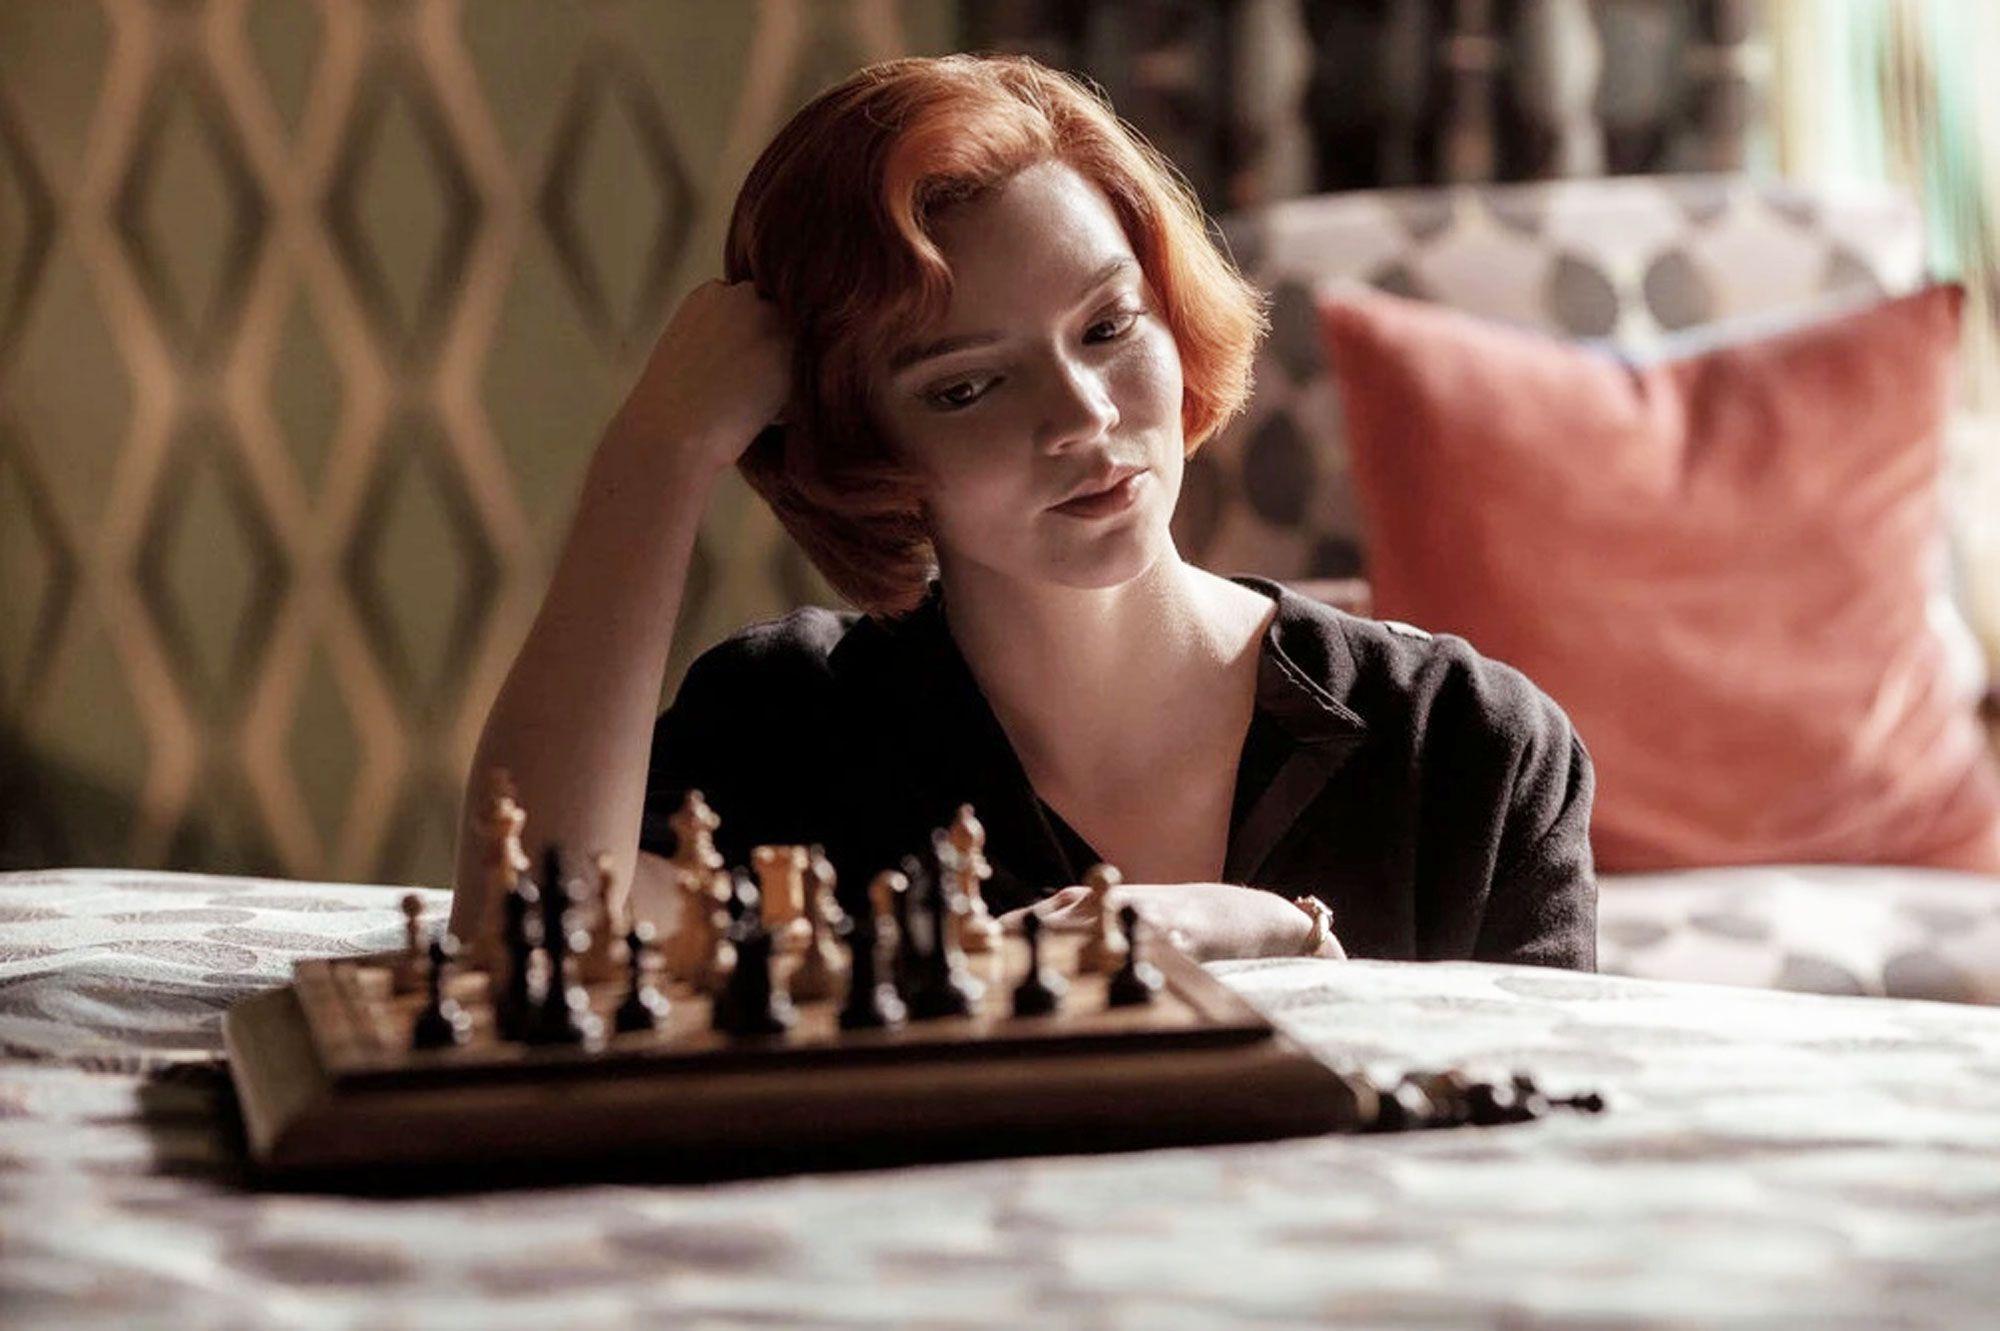 La regina degli scacchi: avete notato il richiamo alla storia dell'arte?